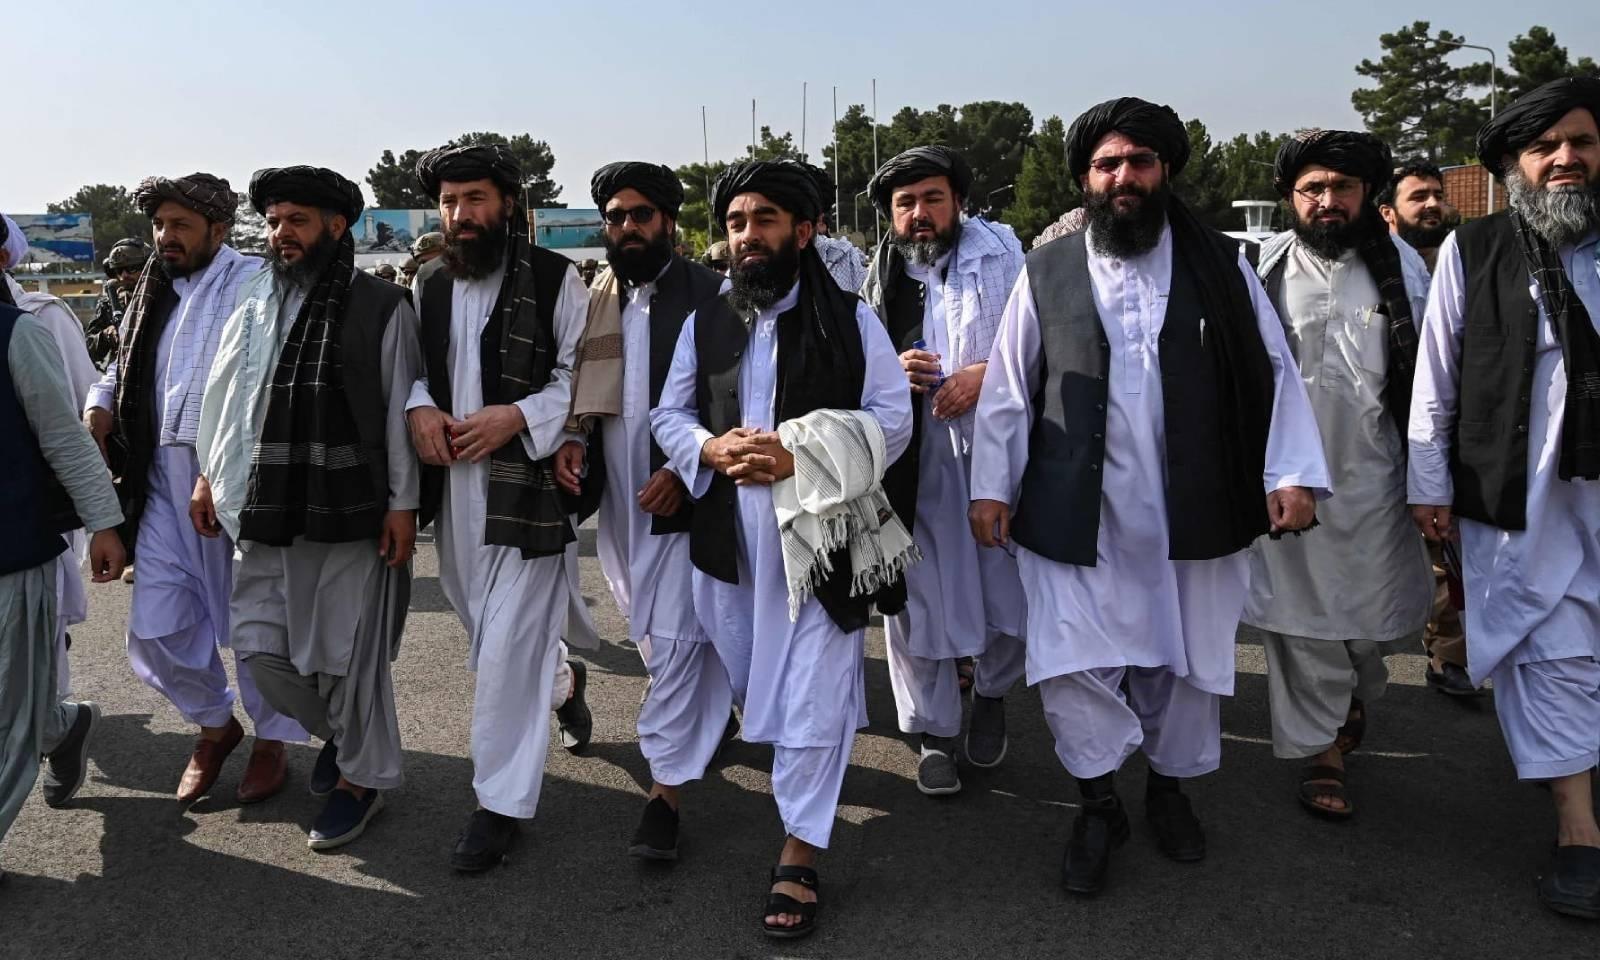 ترجمان طالبان ذبیح اللہ مجاہد نے ایئرپورٹ پرمیڈیا کے نمائندوں سے بات چیت کی — فوٹو: اے ایف پی